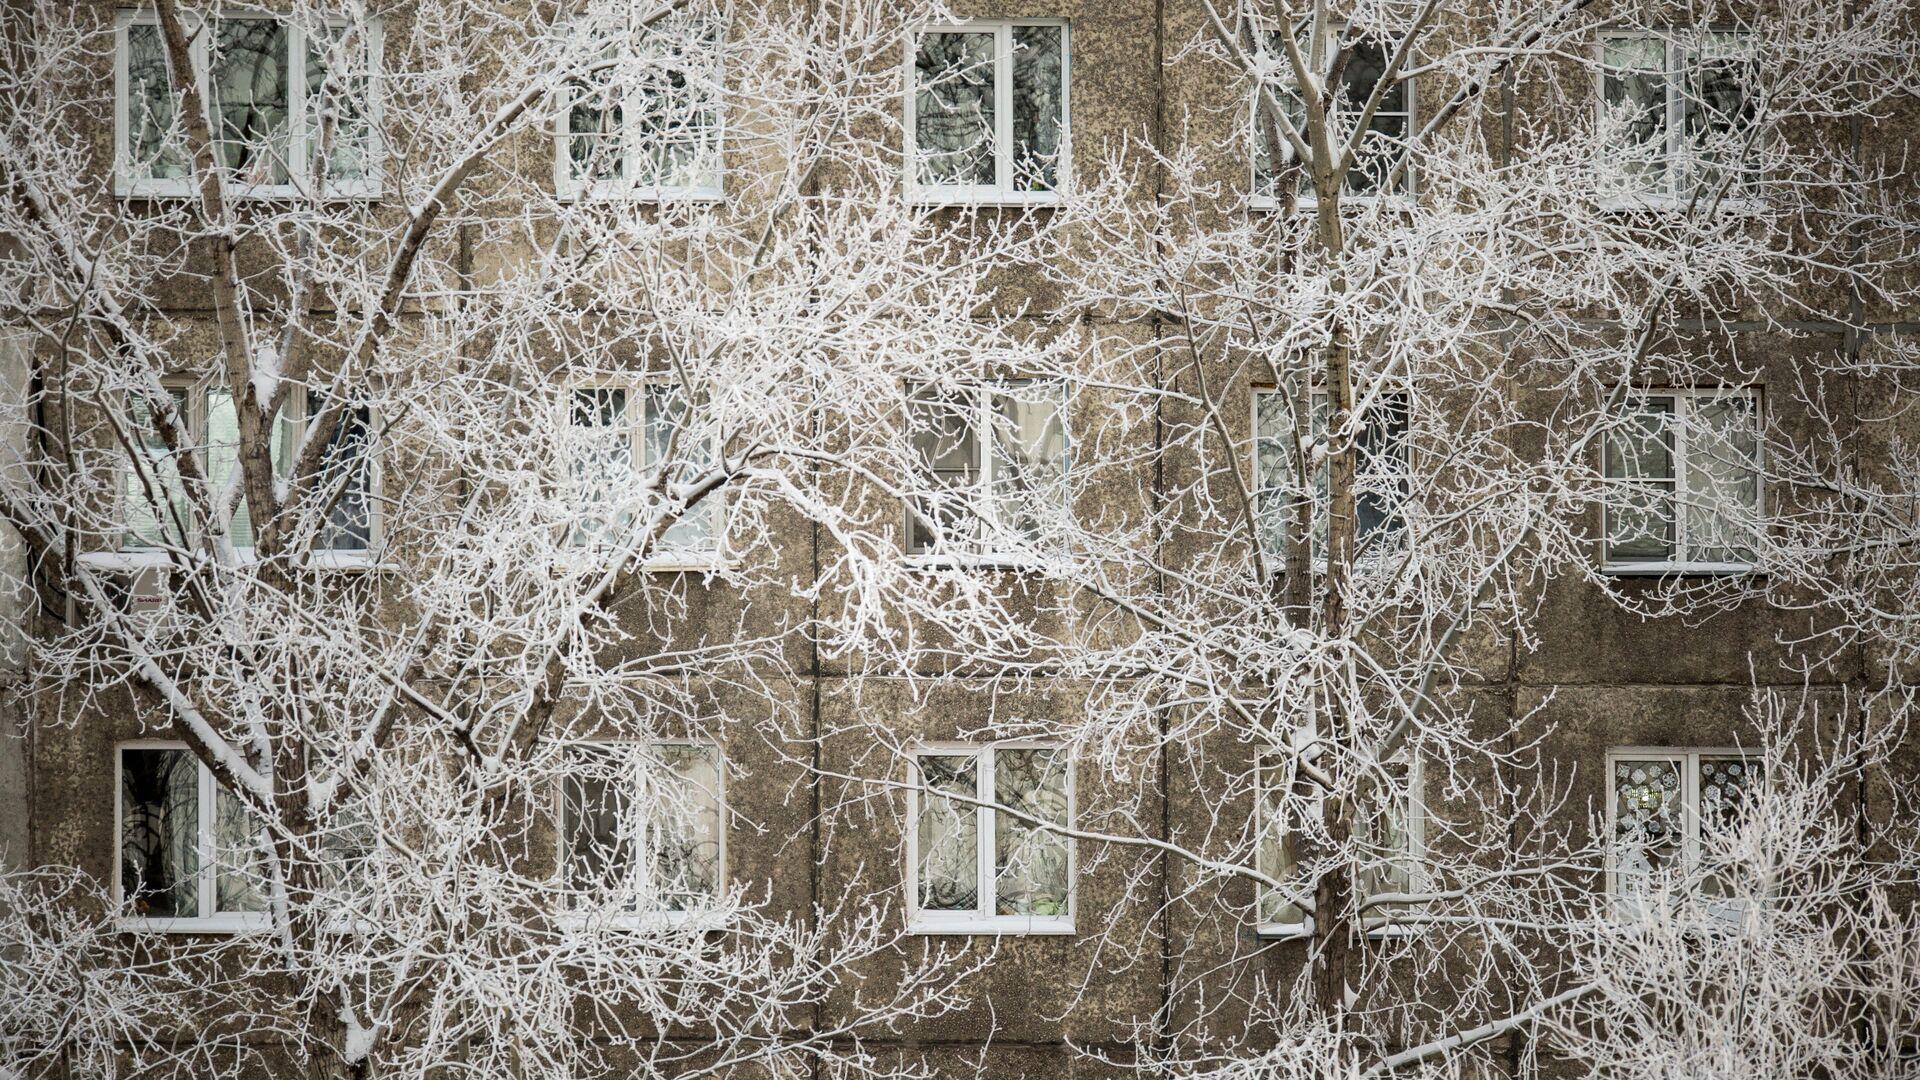 Покрытые инеем ветки деревьев у жилого дома - РИА Новости, 1920, 09.03.2021